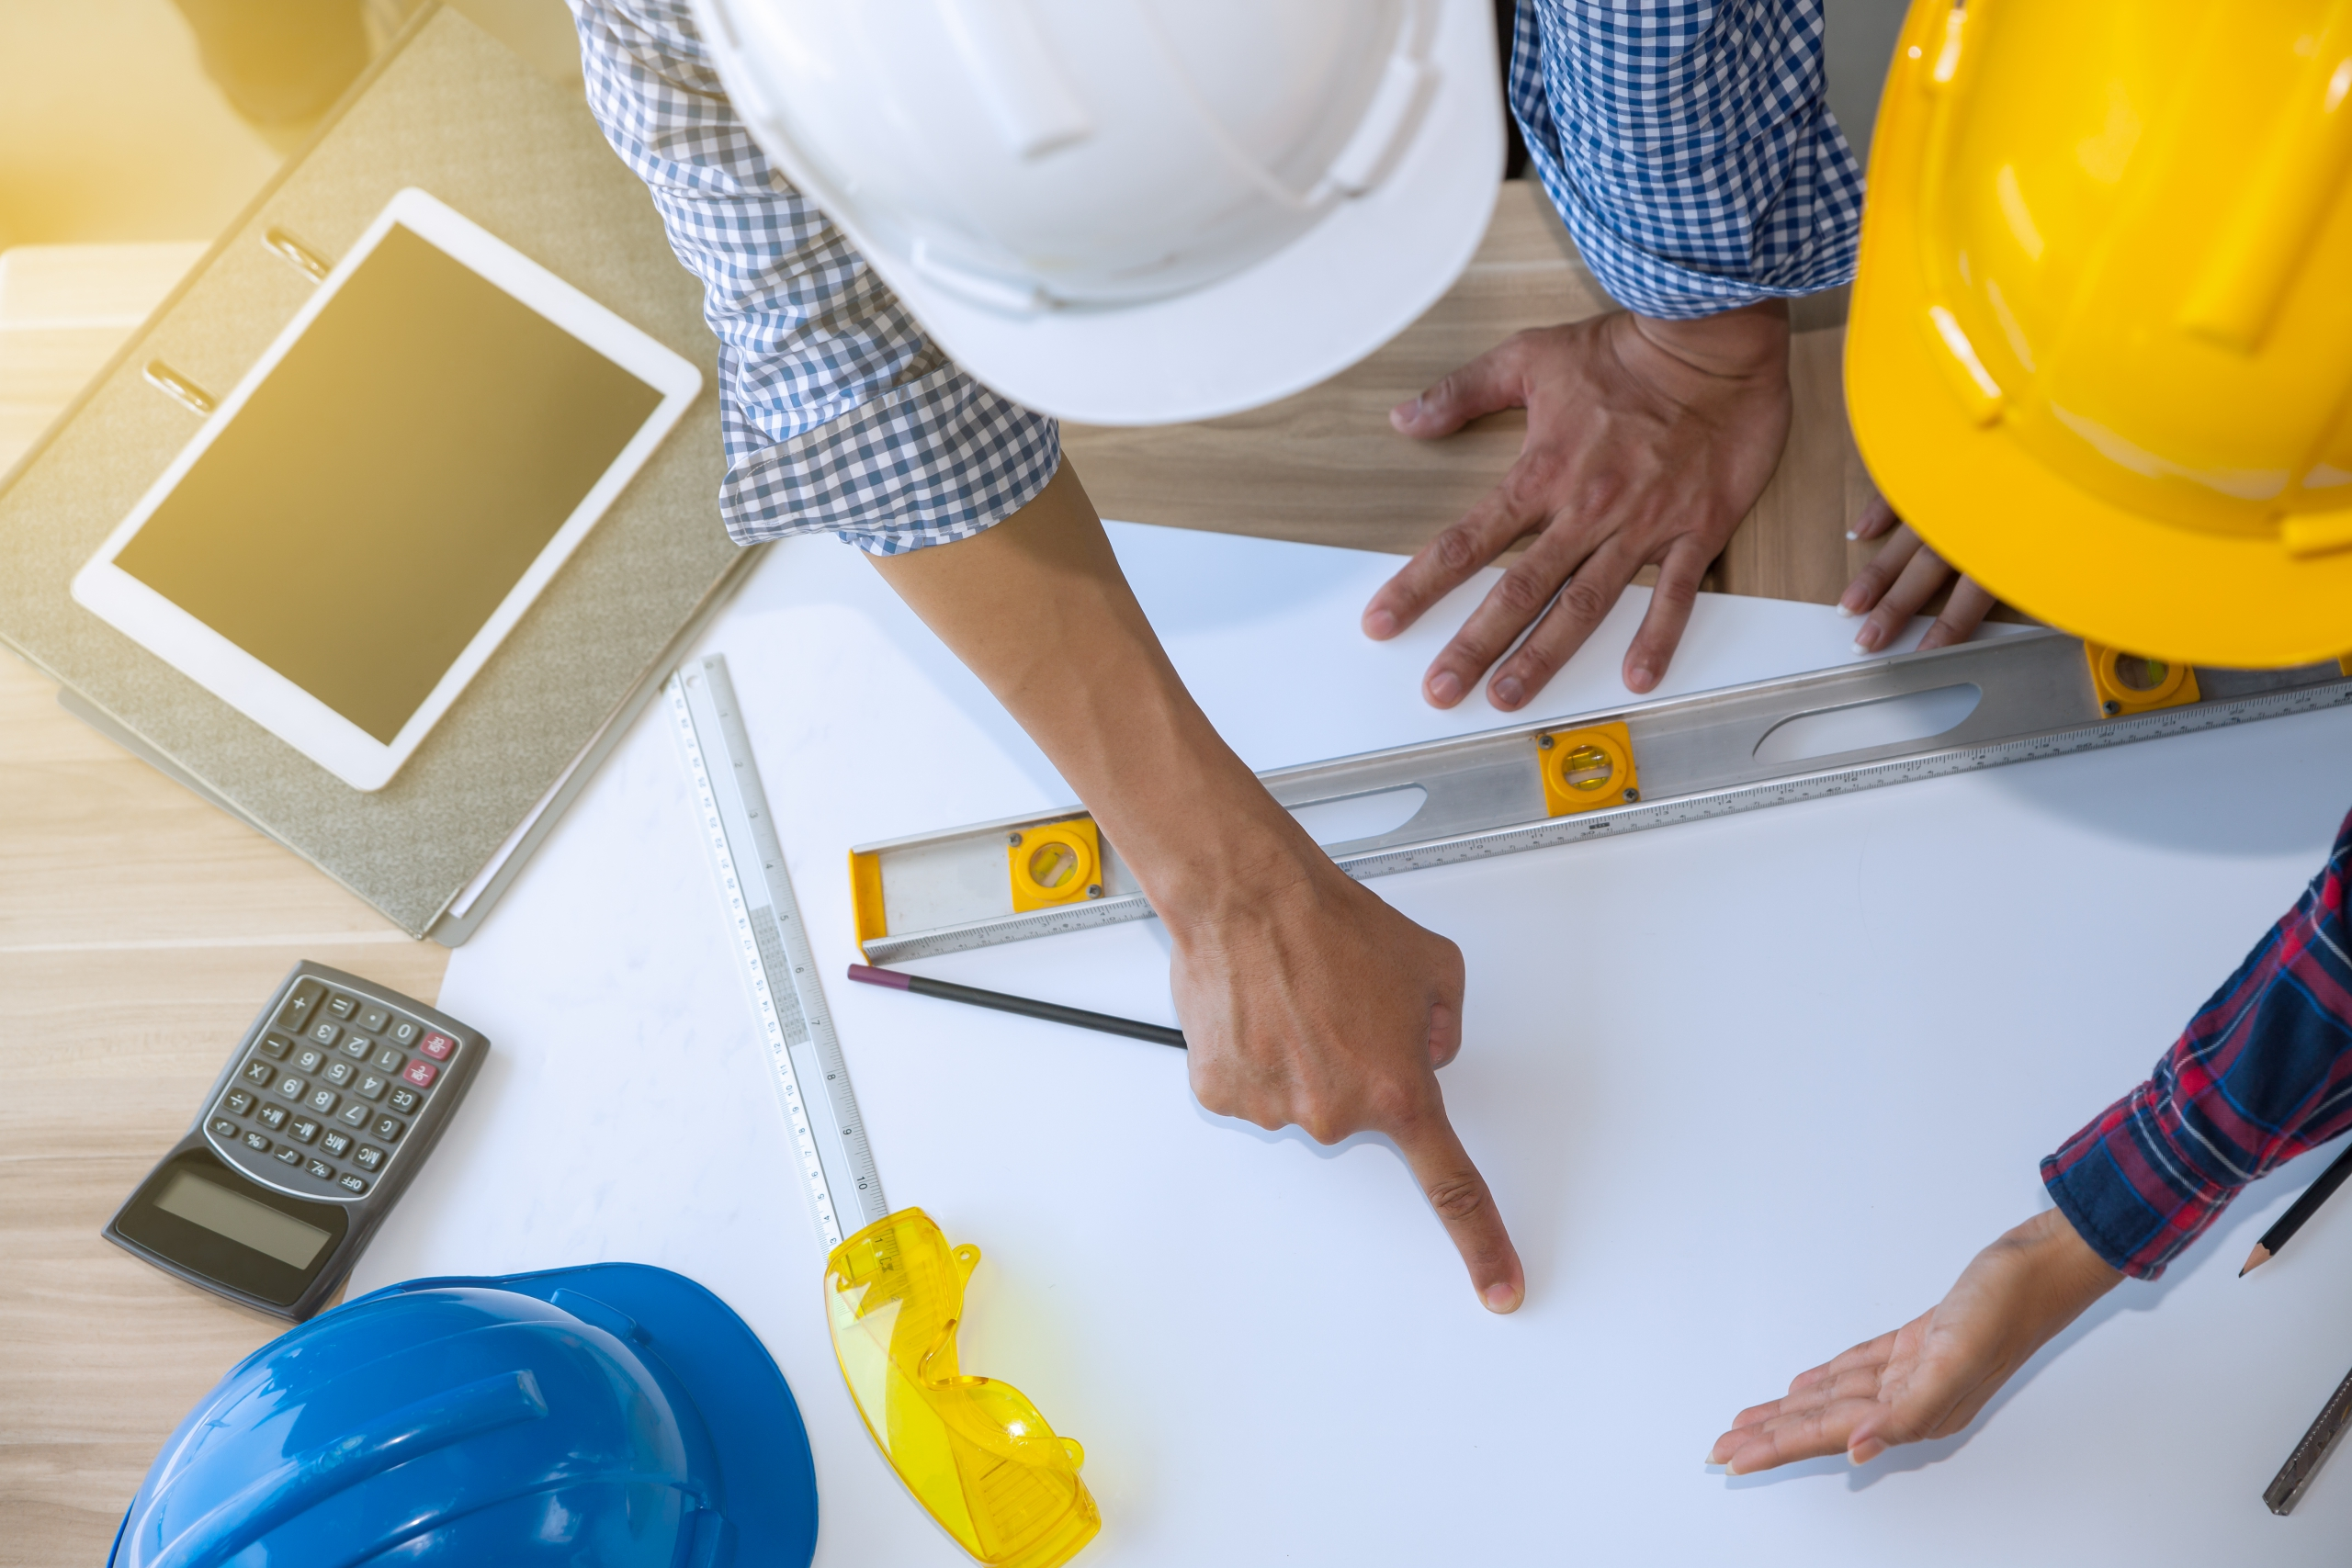 INGENIEURBÜRO SCHMELICH Staatlich anerkannter Sachverständiger für Schall – und Wärmeschutz zertifizierter Sachverständiger für Schäden an Gebäuden